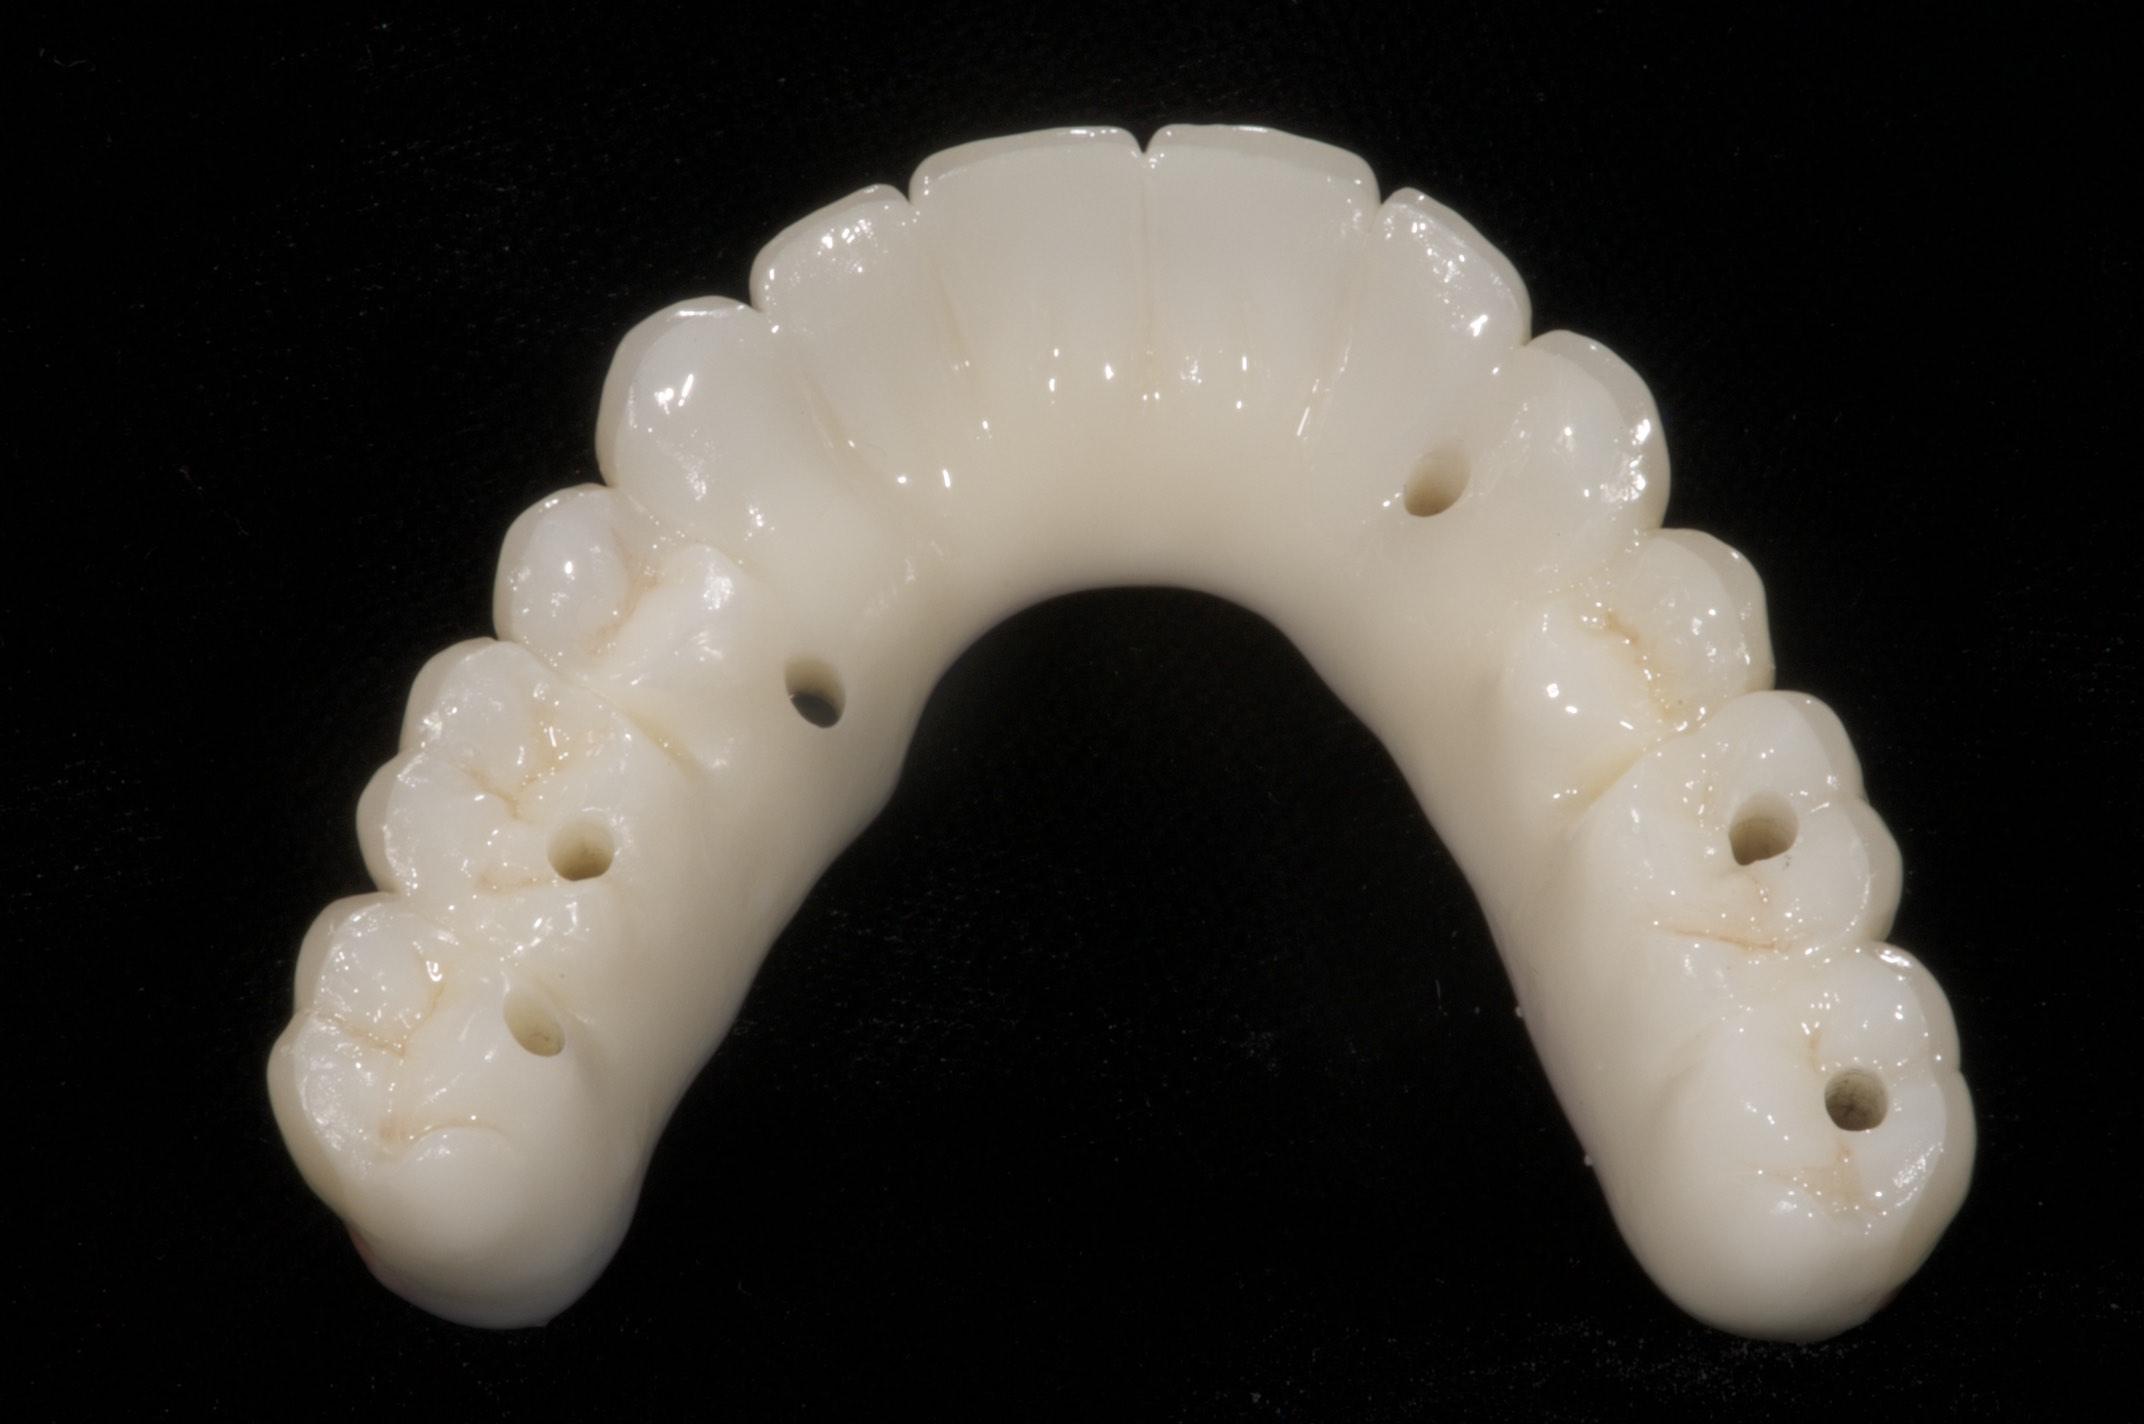 prosthodontic option for full implant bridges